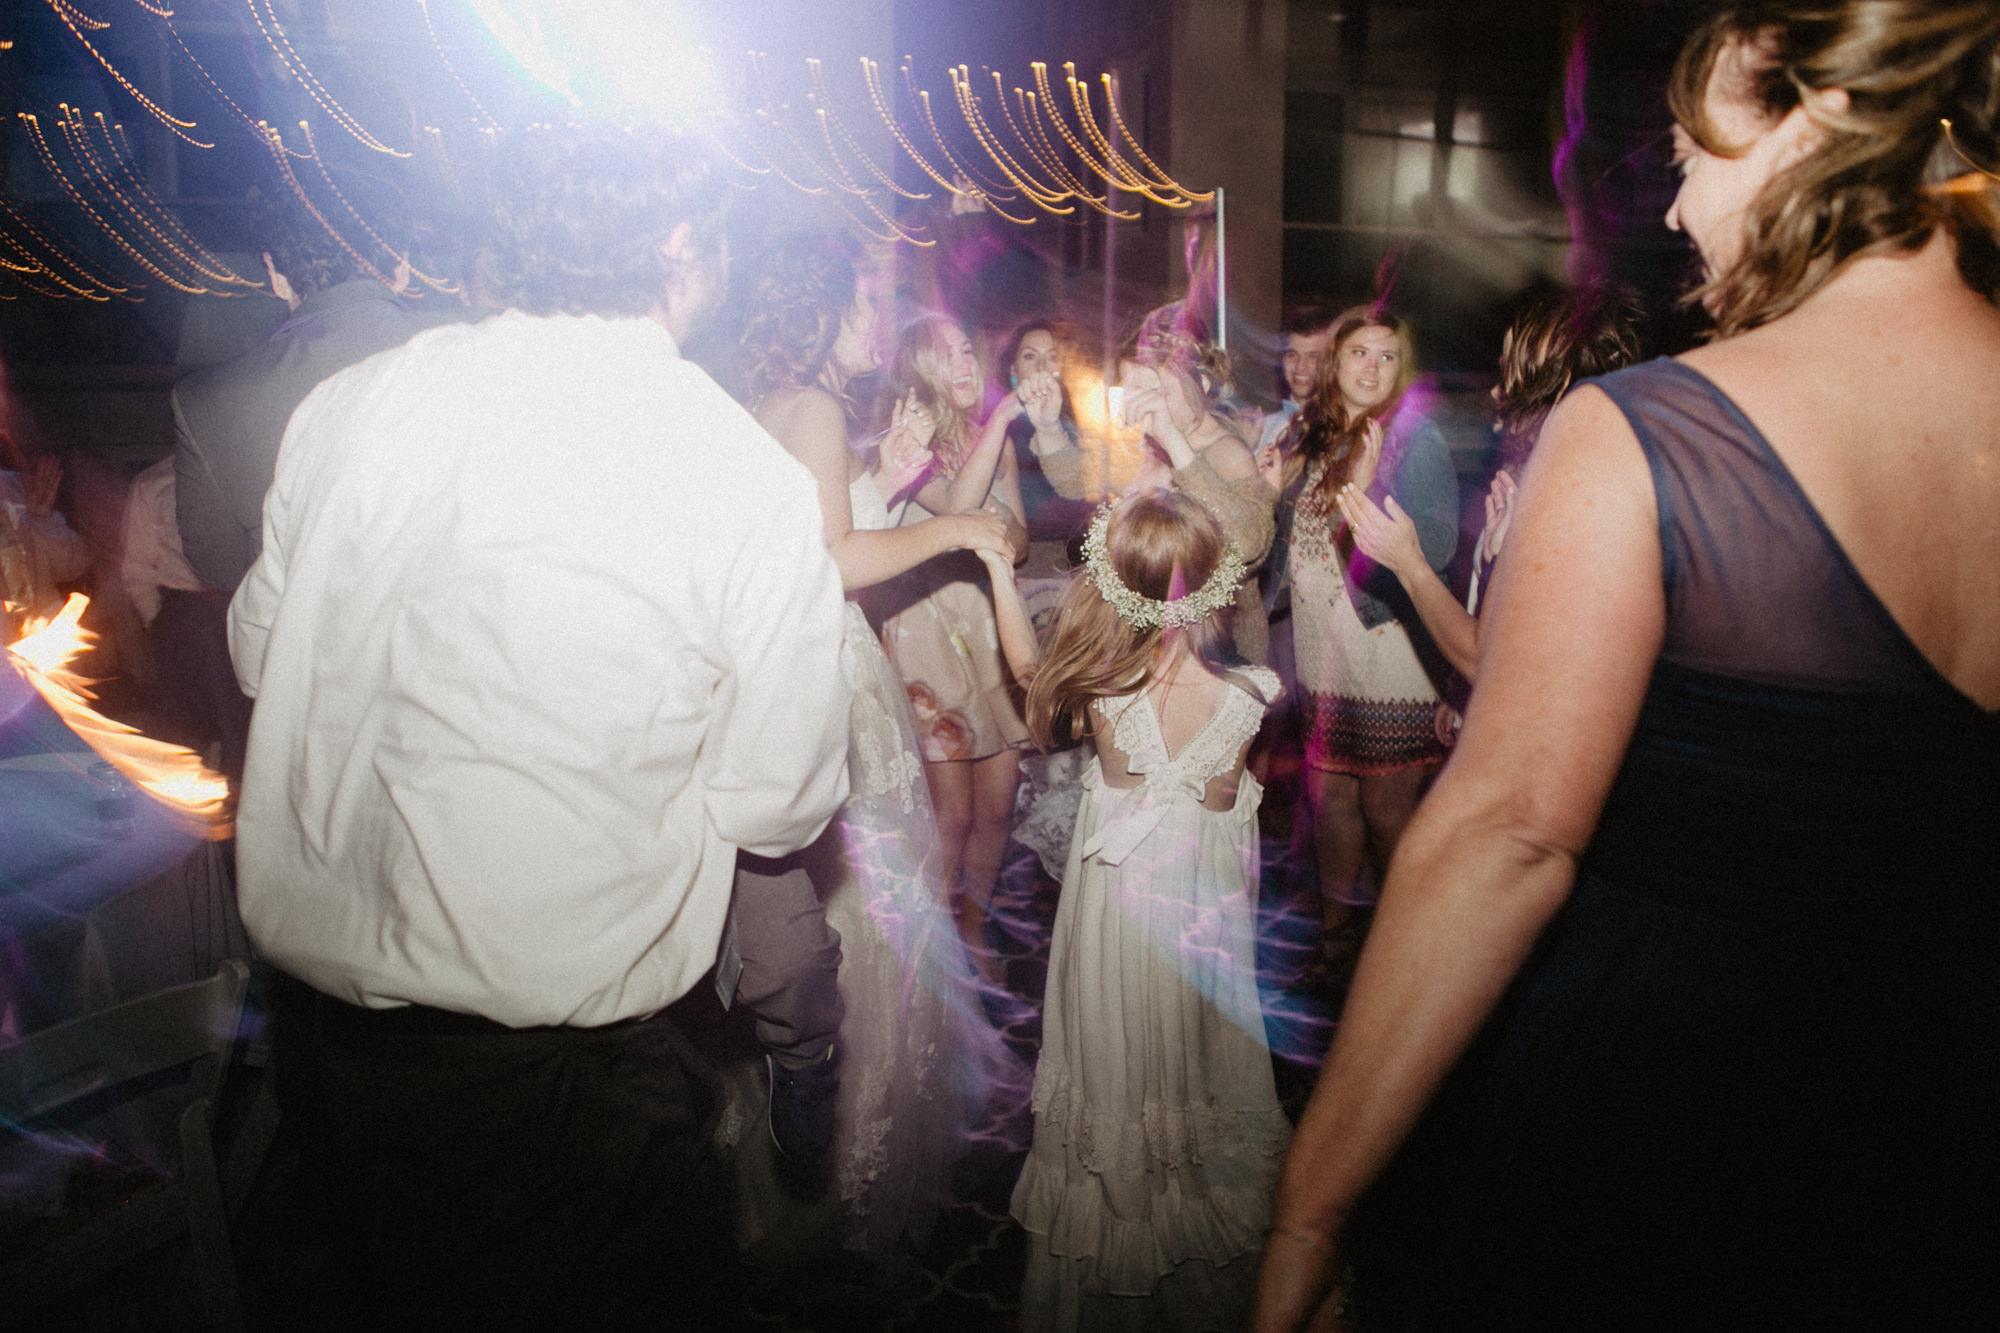 oceanside_airbnb_wedding-75.jpg